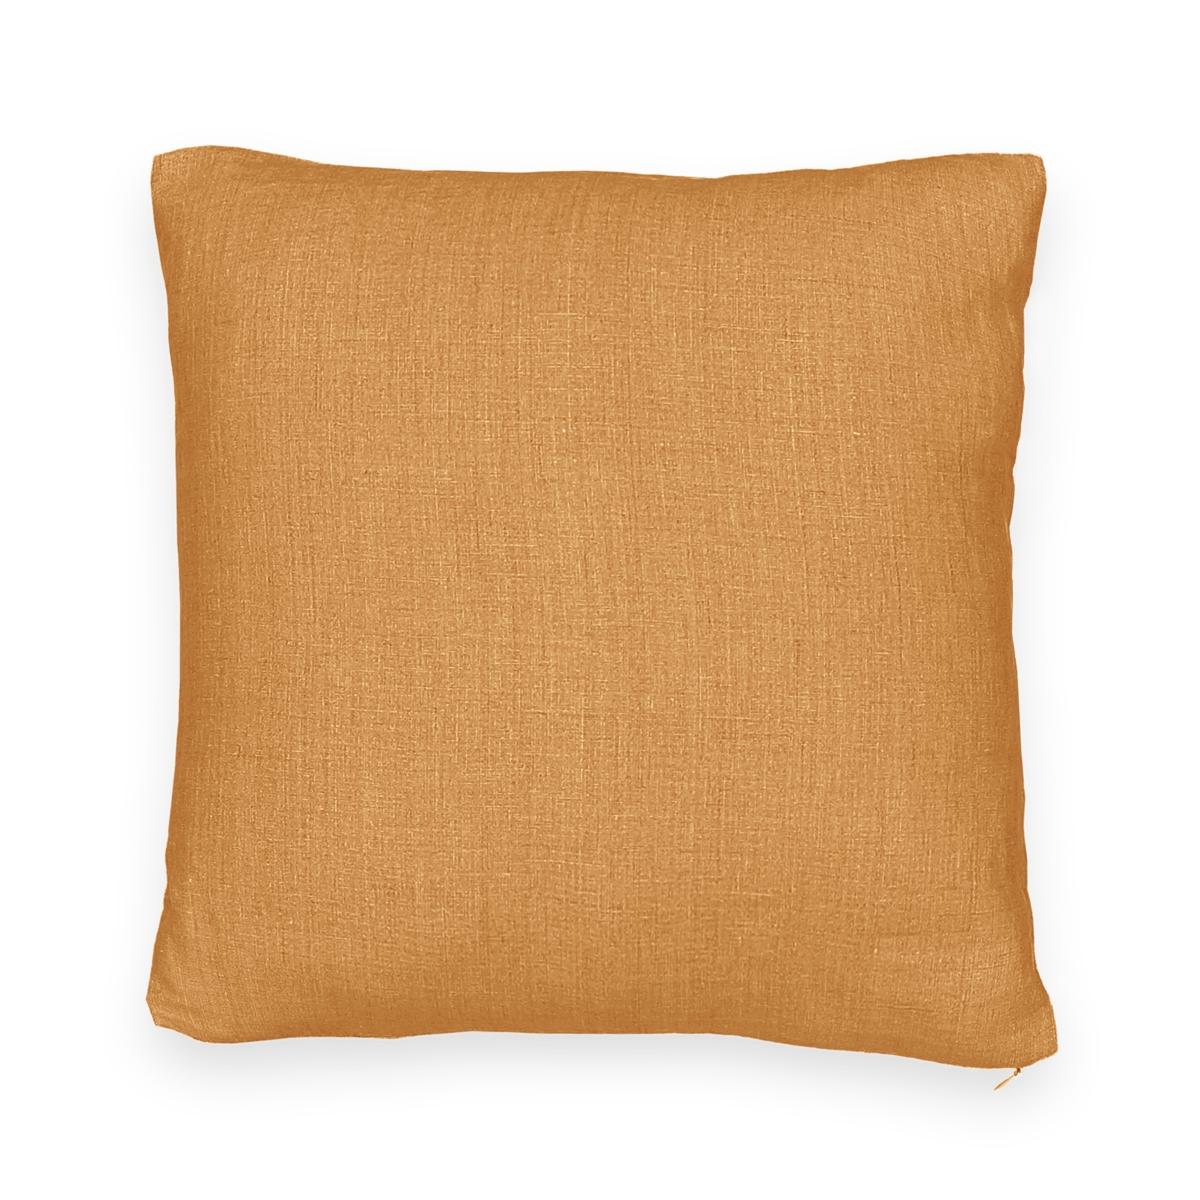 Чехол на подушку-валик из стираного льна, ONEGAКачество BEST, чехол на подушку-валик из стираного льна Onega с легким жатым эффектом.Характеристики чехла на подушку-валик из 100% льна Onega :Качество BEST, требование качества.100% лен.Застежка на молнию.Машинная стирка при 30 °СРазмеры чехла на подушку-валик из 100% льна Onega :40 x 40 см.Найдите подушку Terra на сайте laredoute .ruЗнак Oeko-Tex® гарантирует, что товары прошли проверку и были изготовлены без применения вредных для здоровья человека веществ.<br><br>Цвет: антрацит,прусский синий,серо-бежевый